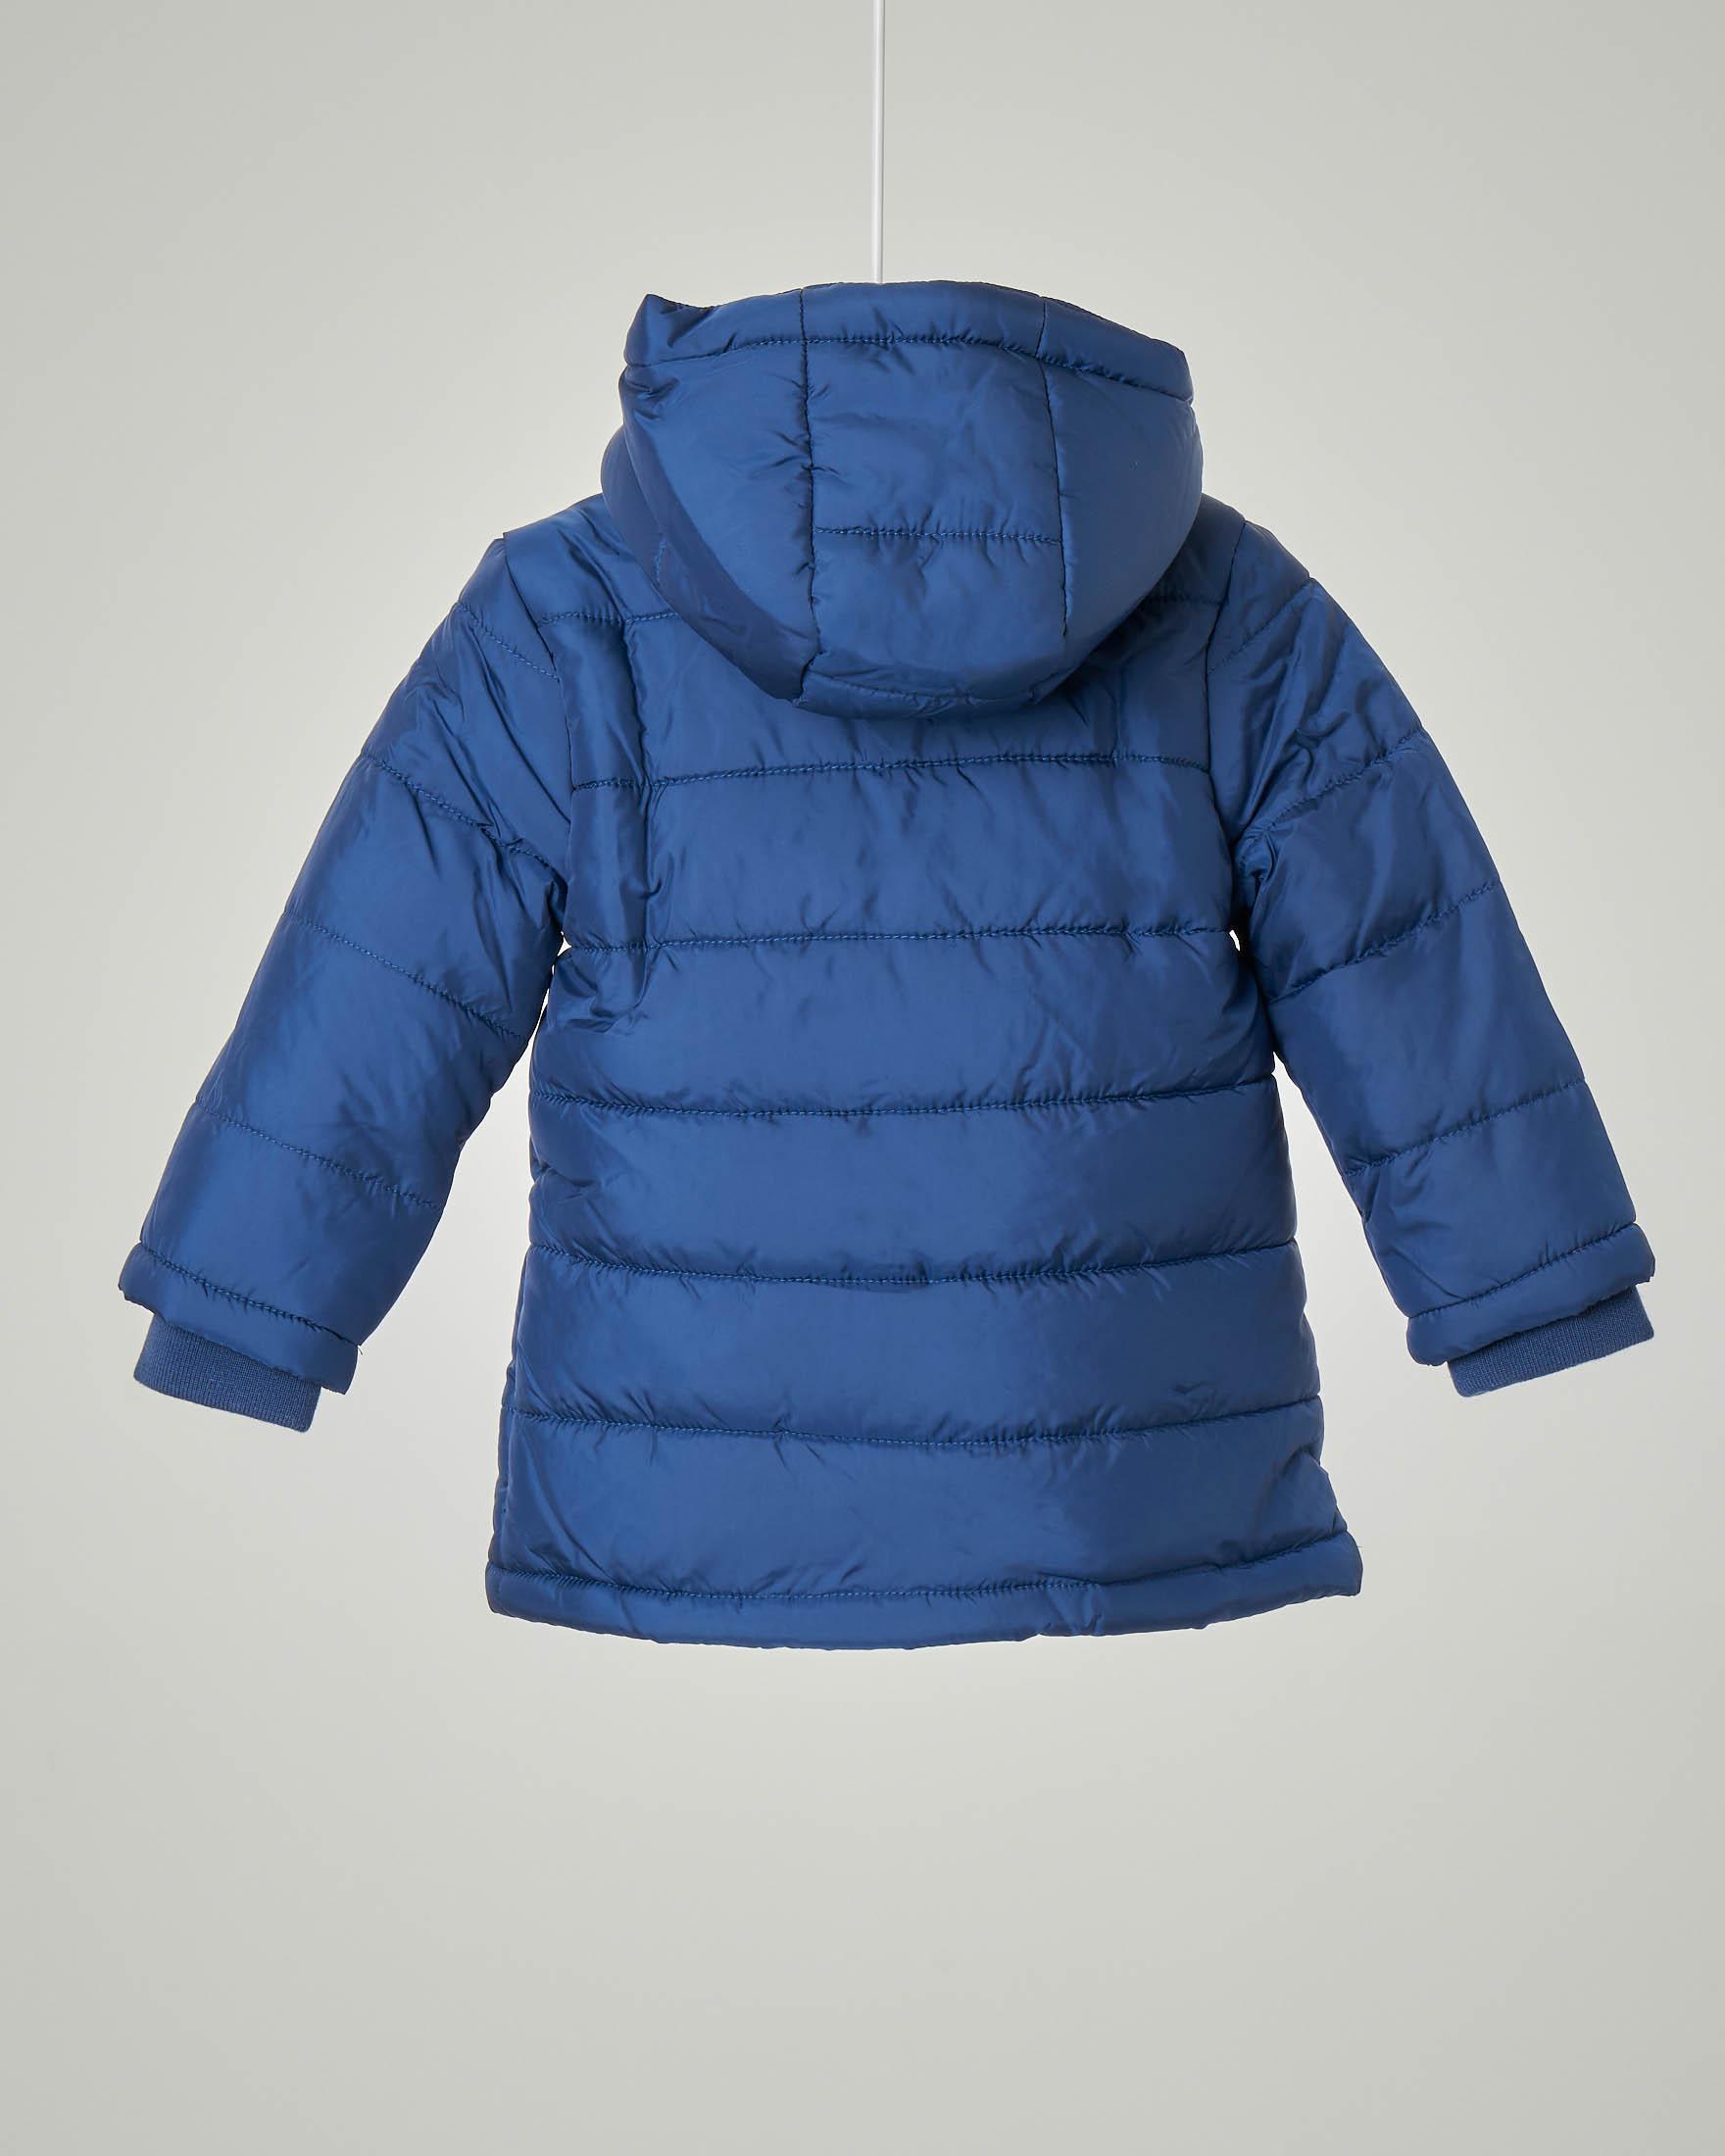 Piumino blu con cappuccio staccabile e collo alto e polsini a costine 9-24 mesi